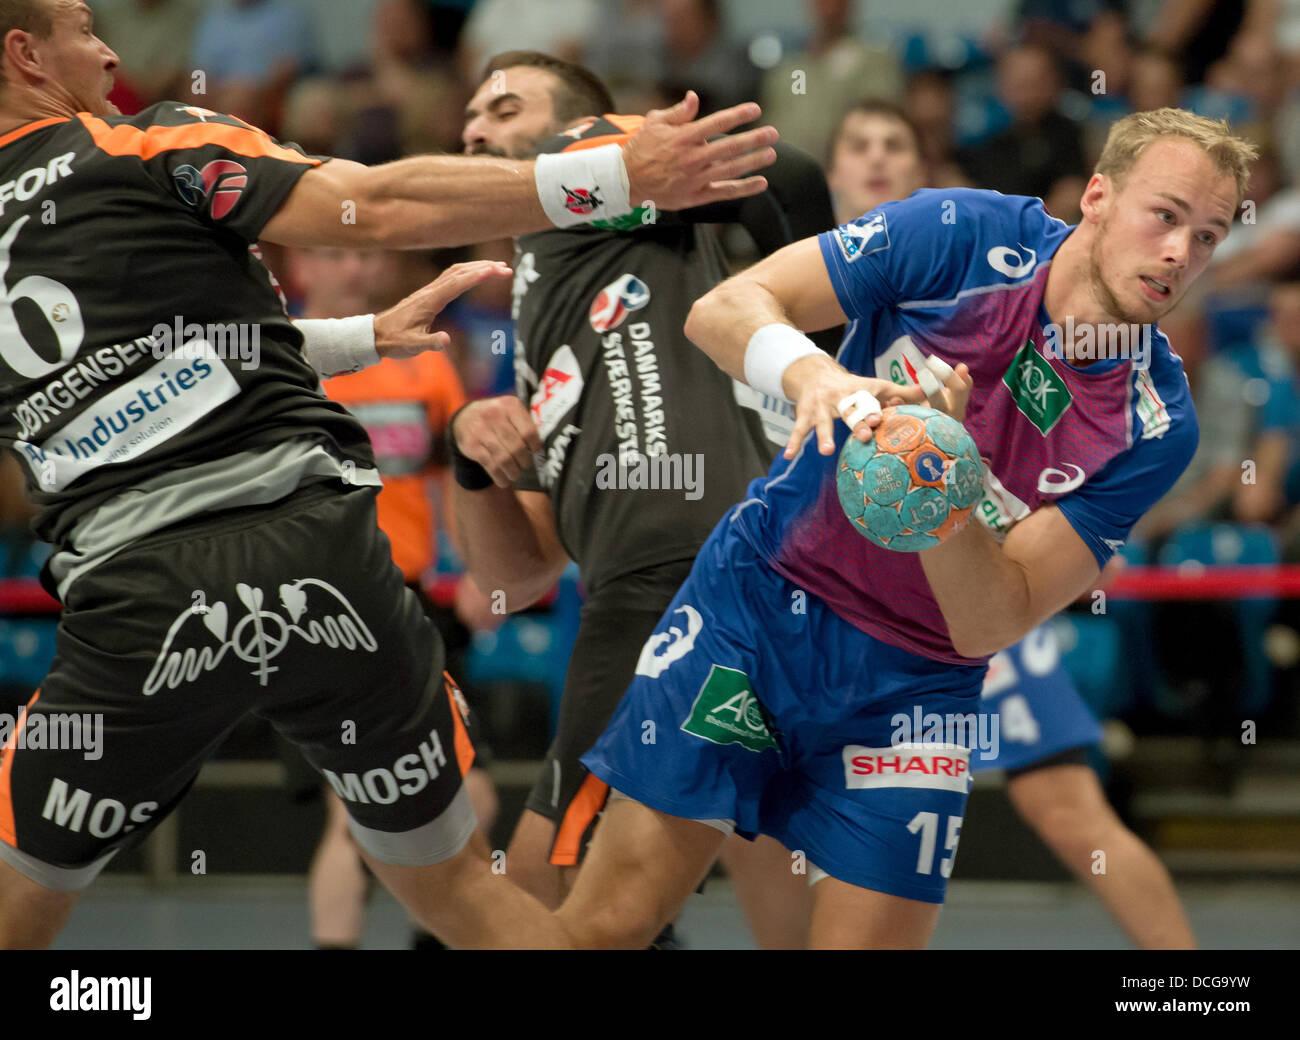 Hamburg, Germany. 16th Aug, 2013. Hamburg's Henrik Toft Hansen (R) in action against Kolding's Lars Jorgensen - Stock Image